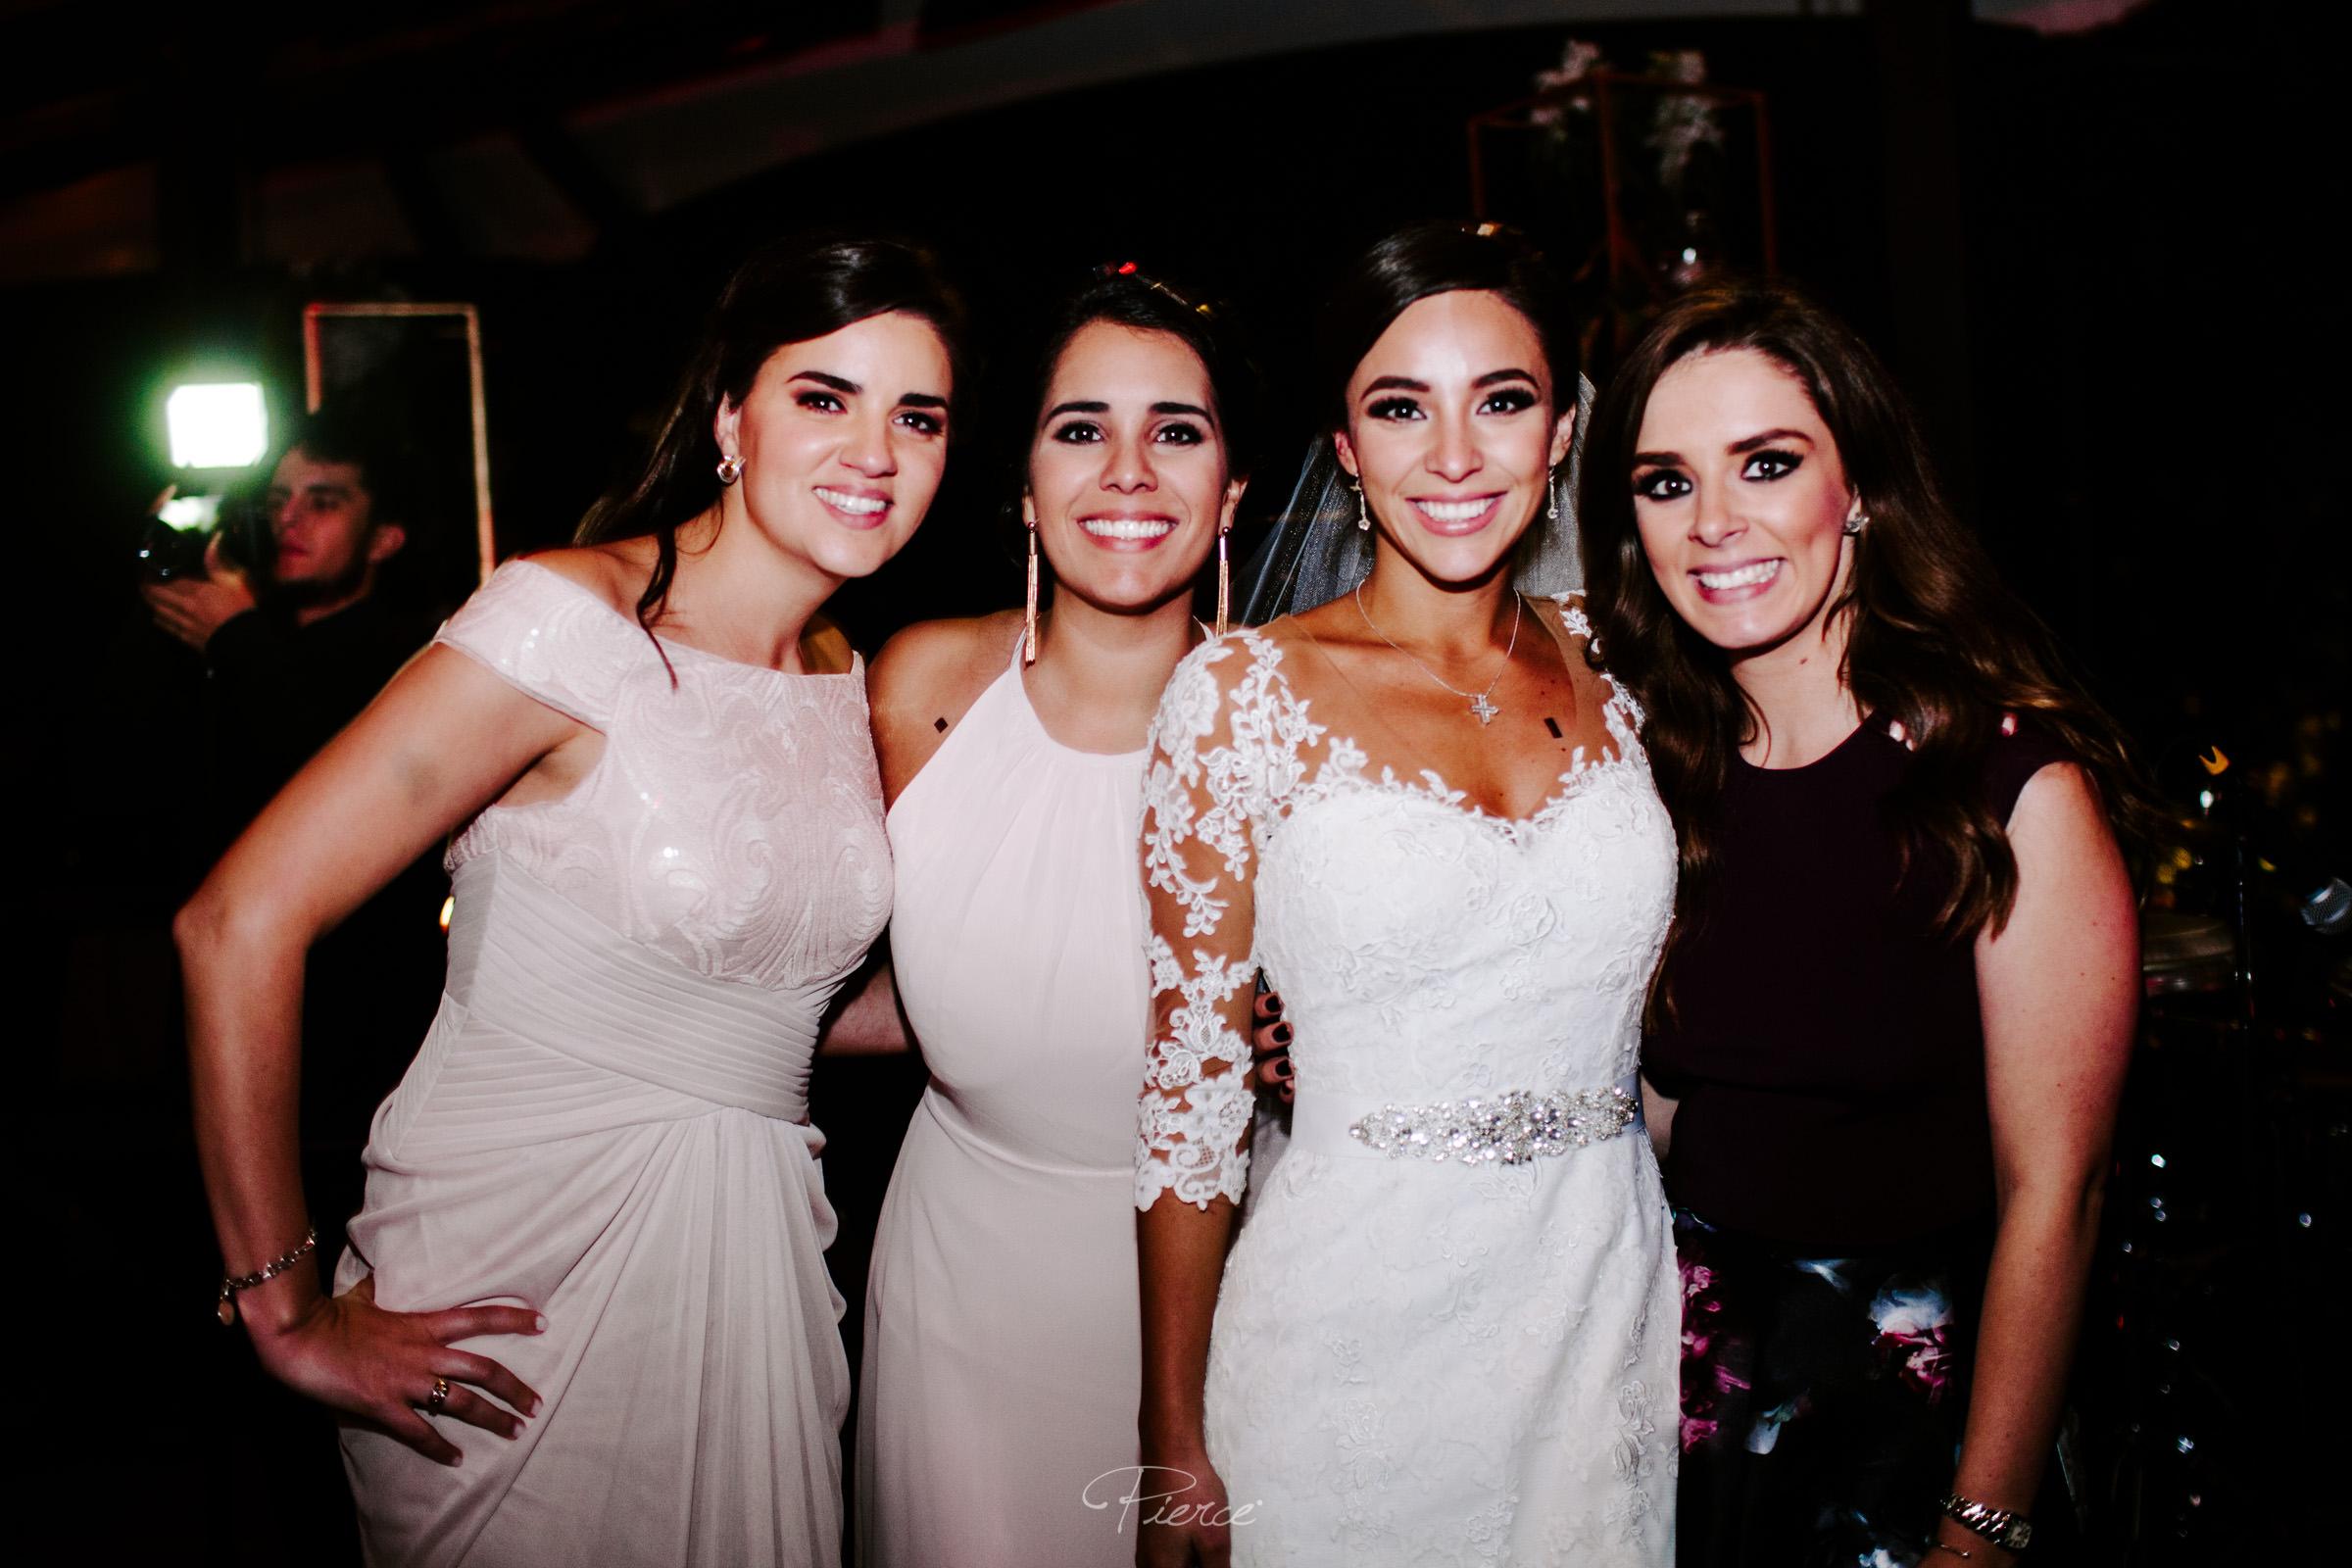 fotografia-de-boda-valle-de-bravo-mexico-rosmarino-pierce-weddings-0193.JPG